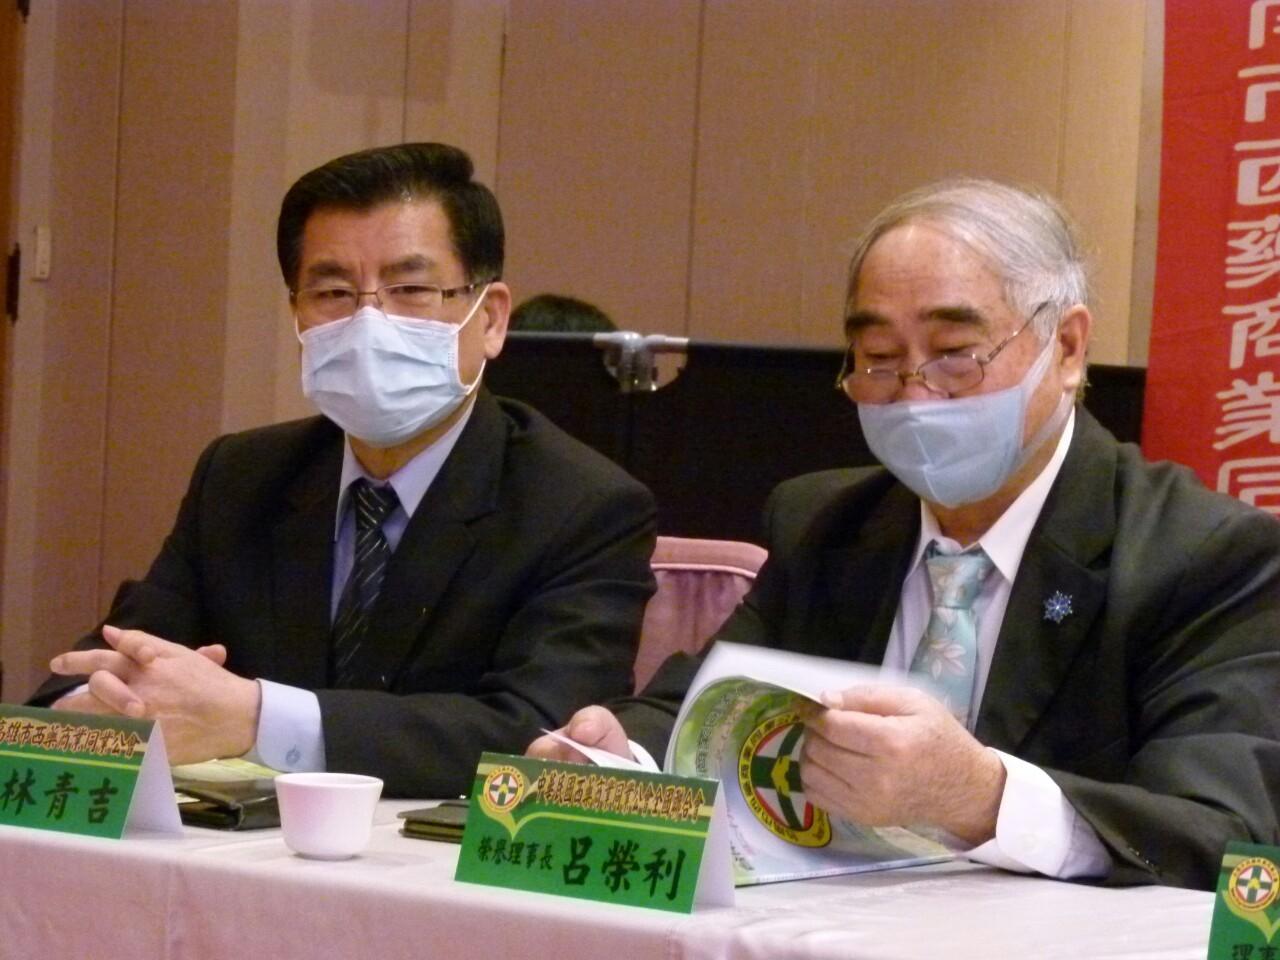 台南市西藥公會第29屆第二次會員大會暨頒發108年度會員子女獎學金_210202_40